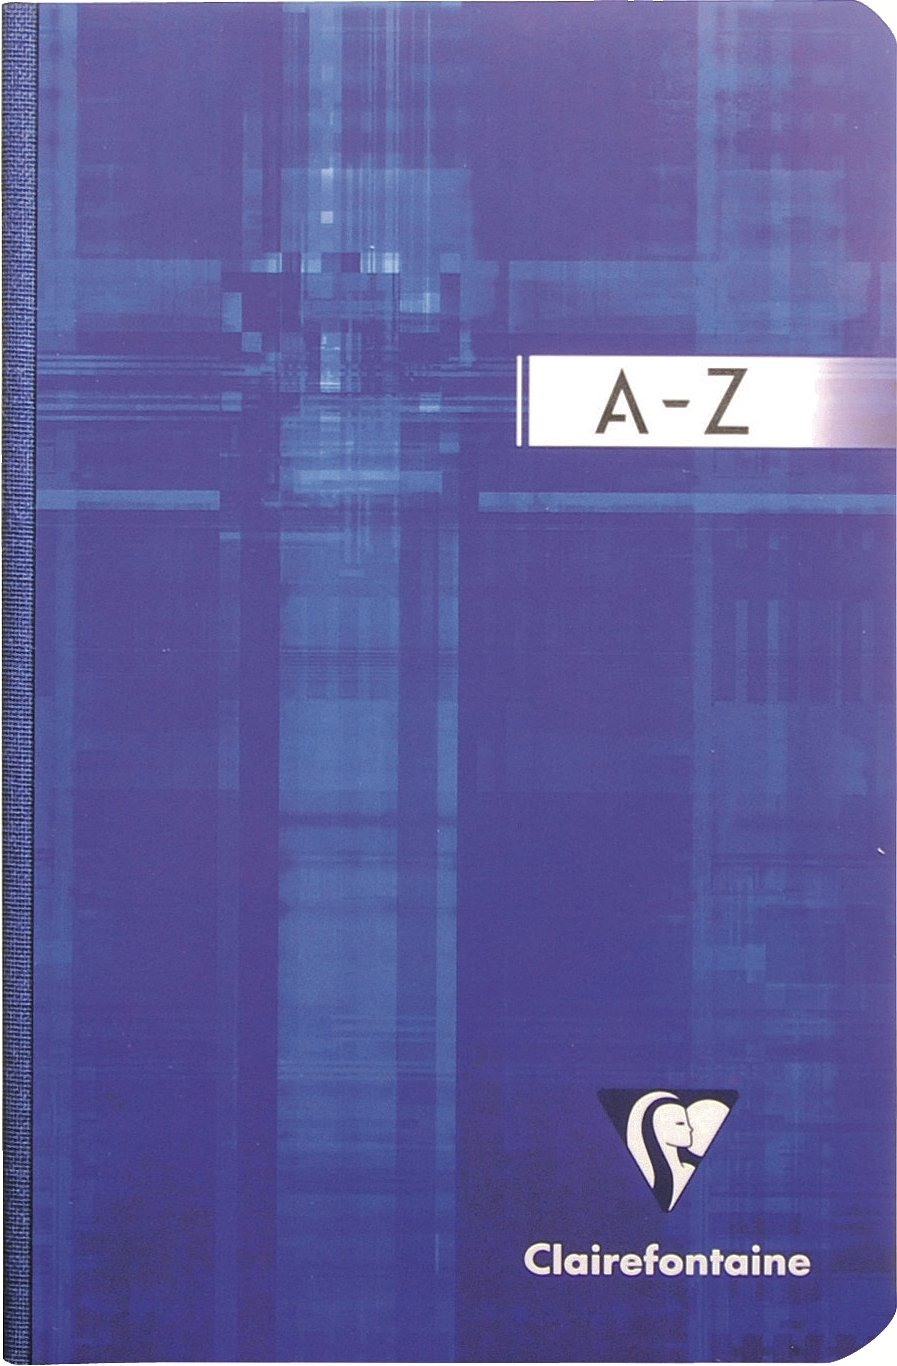 Clairefontaine 8509C Registbuch Spirale, kariert, 9.5 x 14 cm, 90 Blatt,  farblich sortiert Exaclair GmbH LIB3329680850901